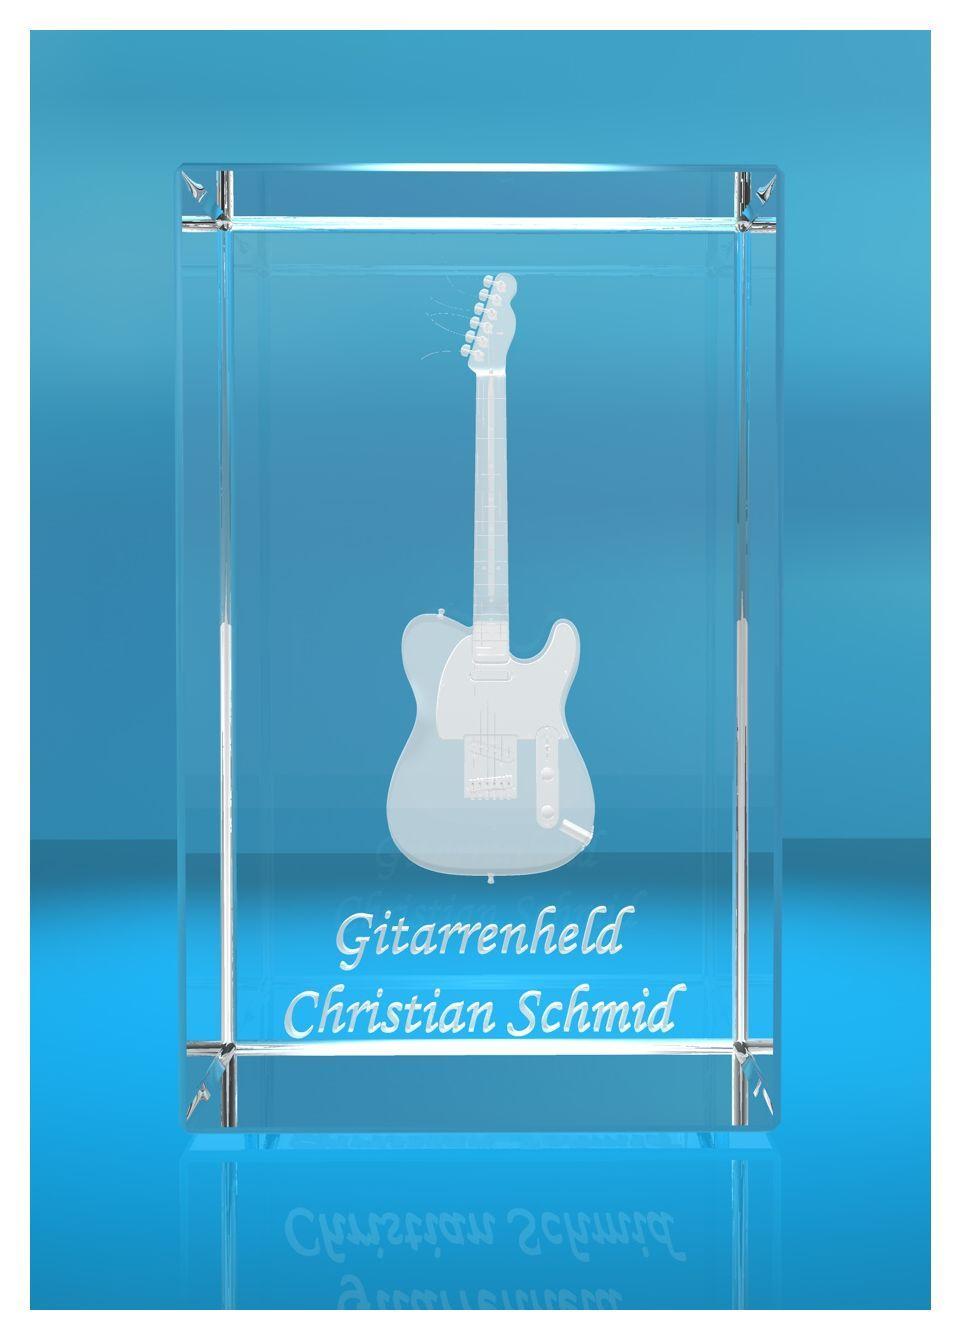 3D Glasquader | Gitarre No. 3 mit Wunschnamen | Geschenk für Gitarrist | Musiker | Bandmitglied | E-Gitarre